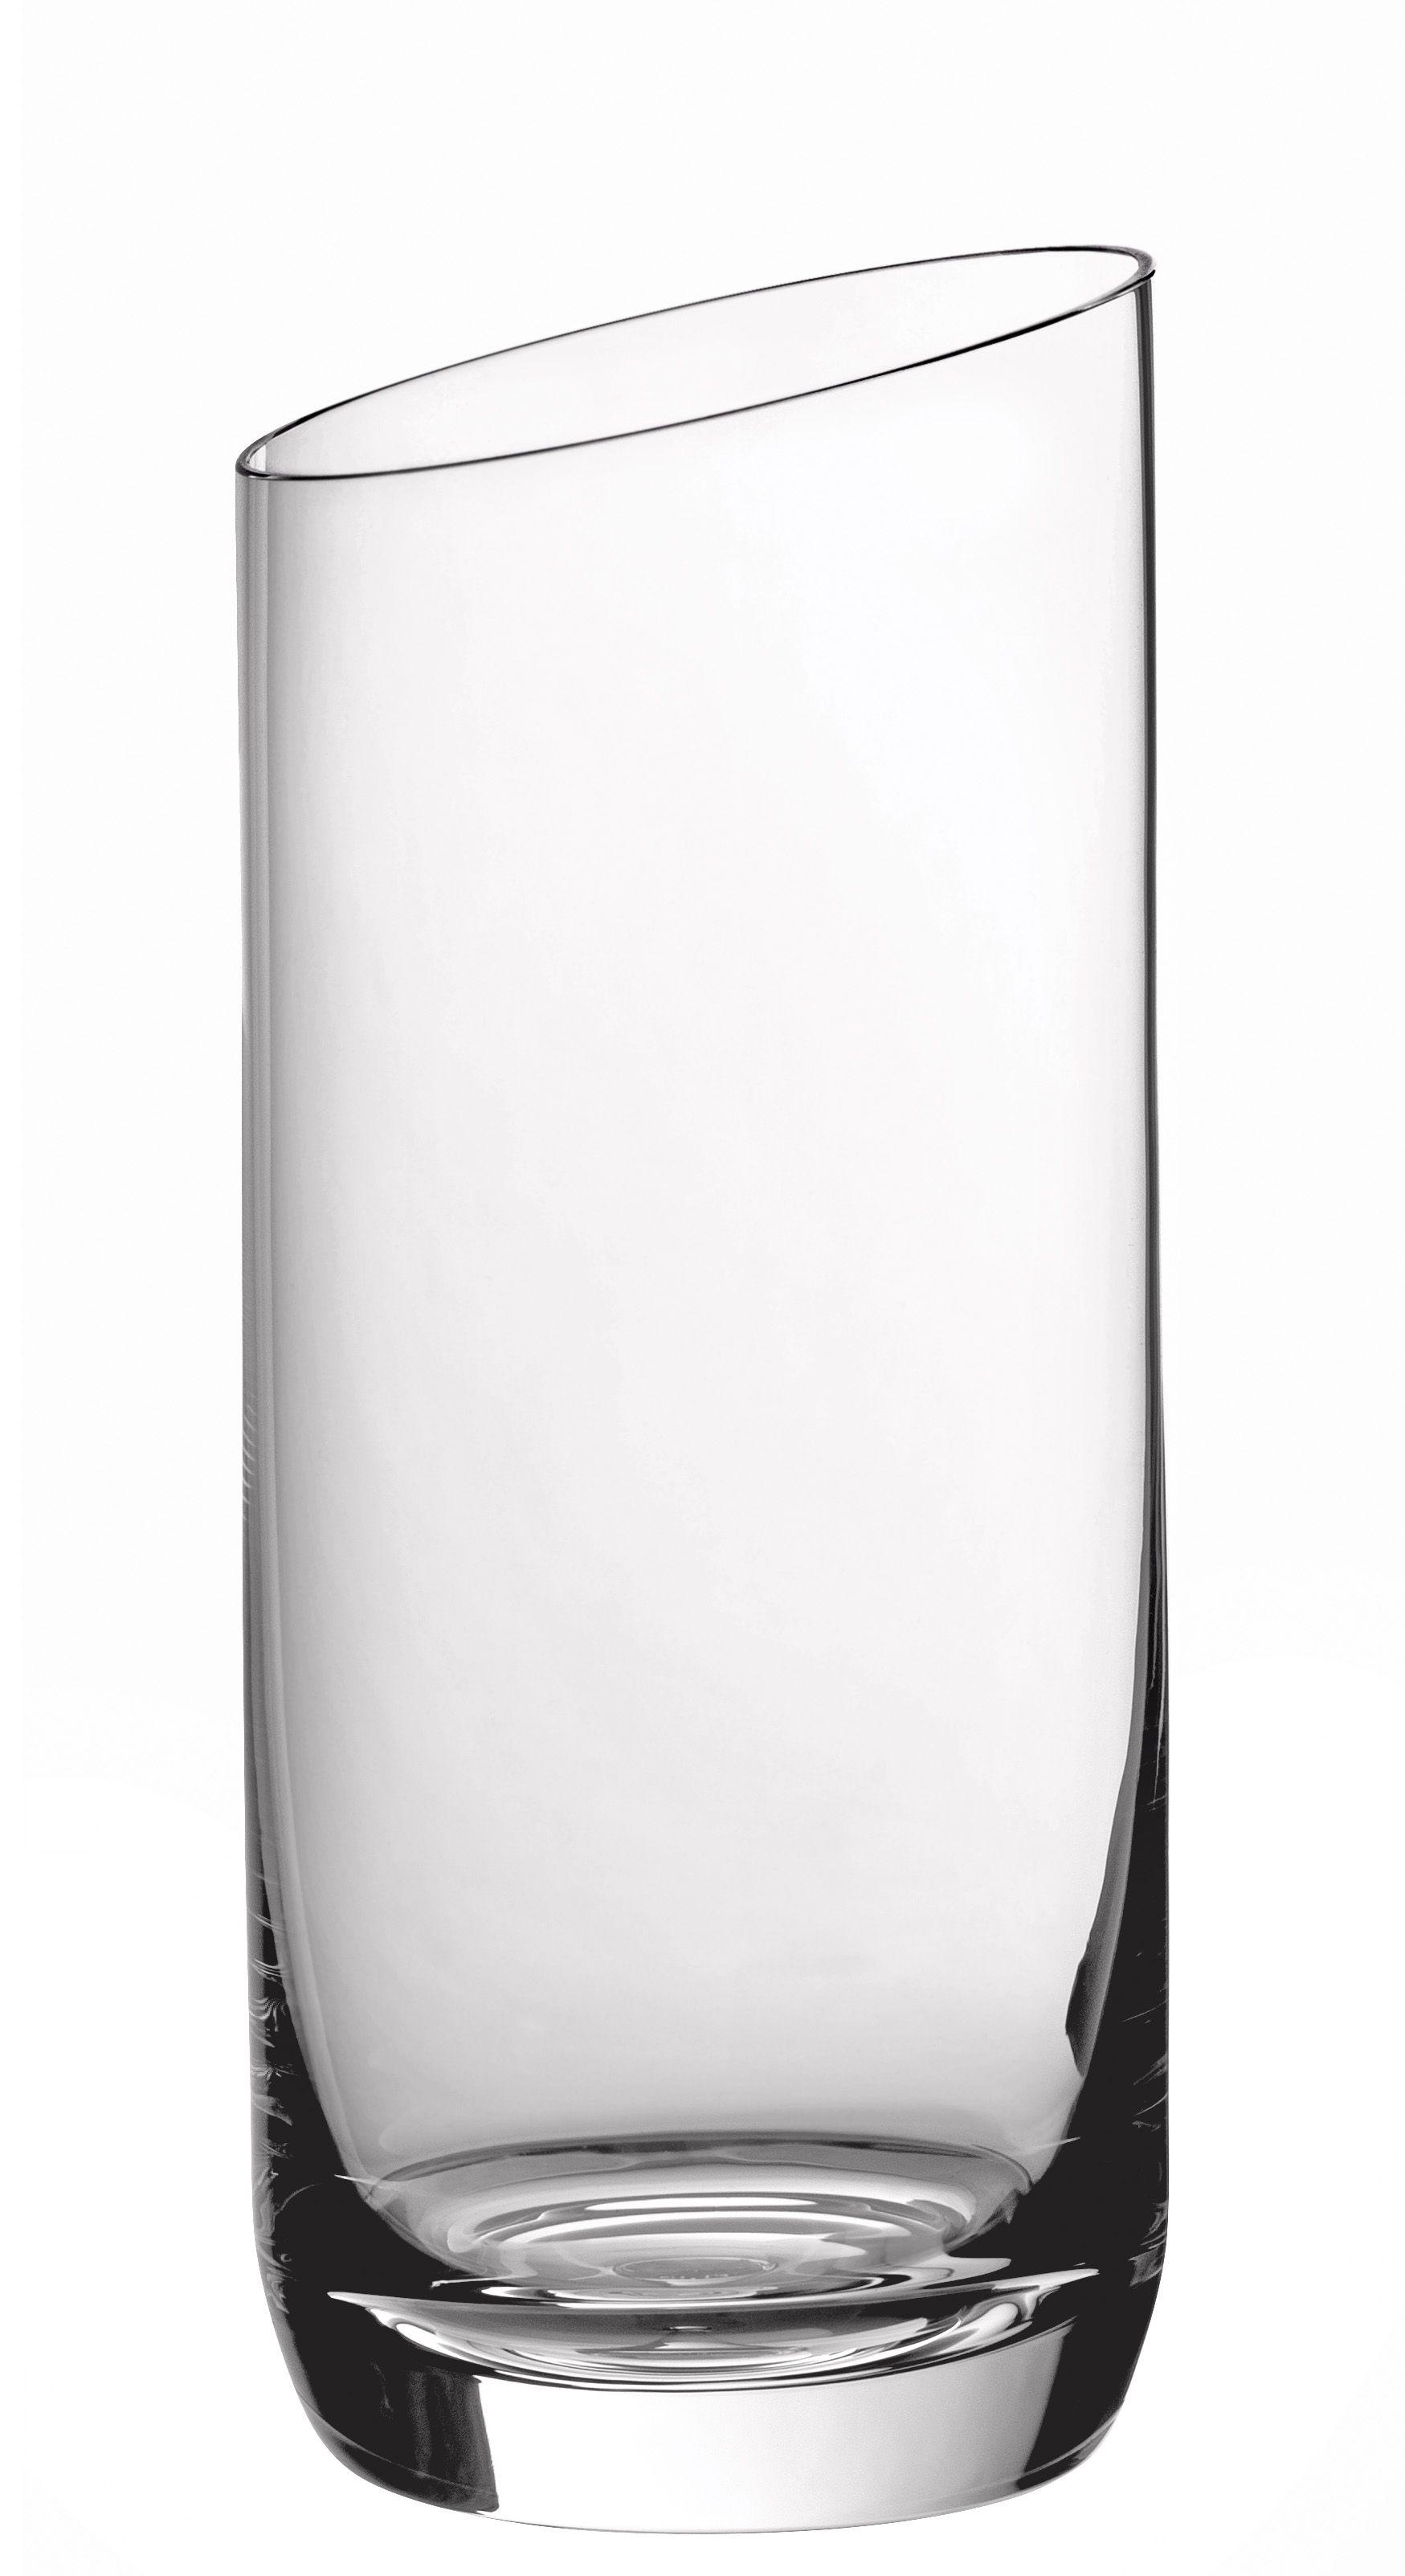 villeroy-boch-longdrinkglas-newmoon-4-stuks